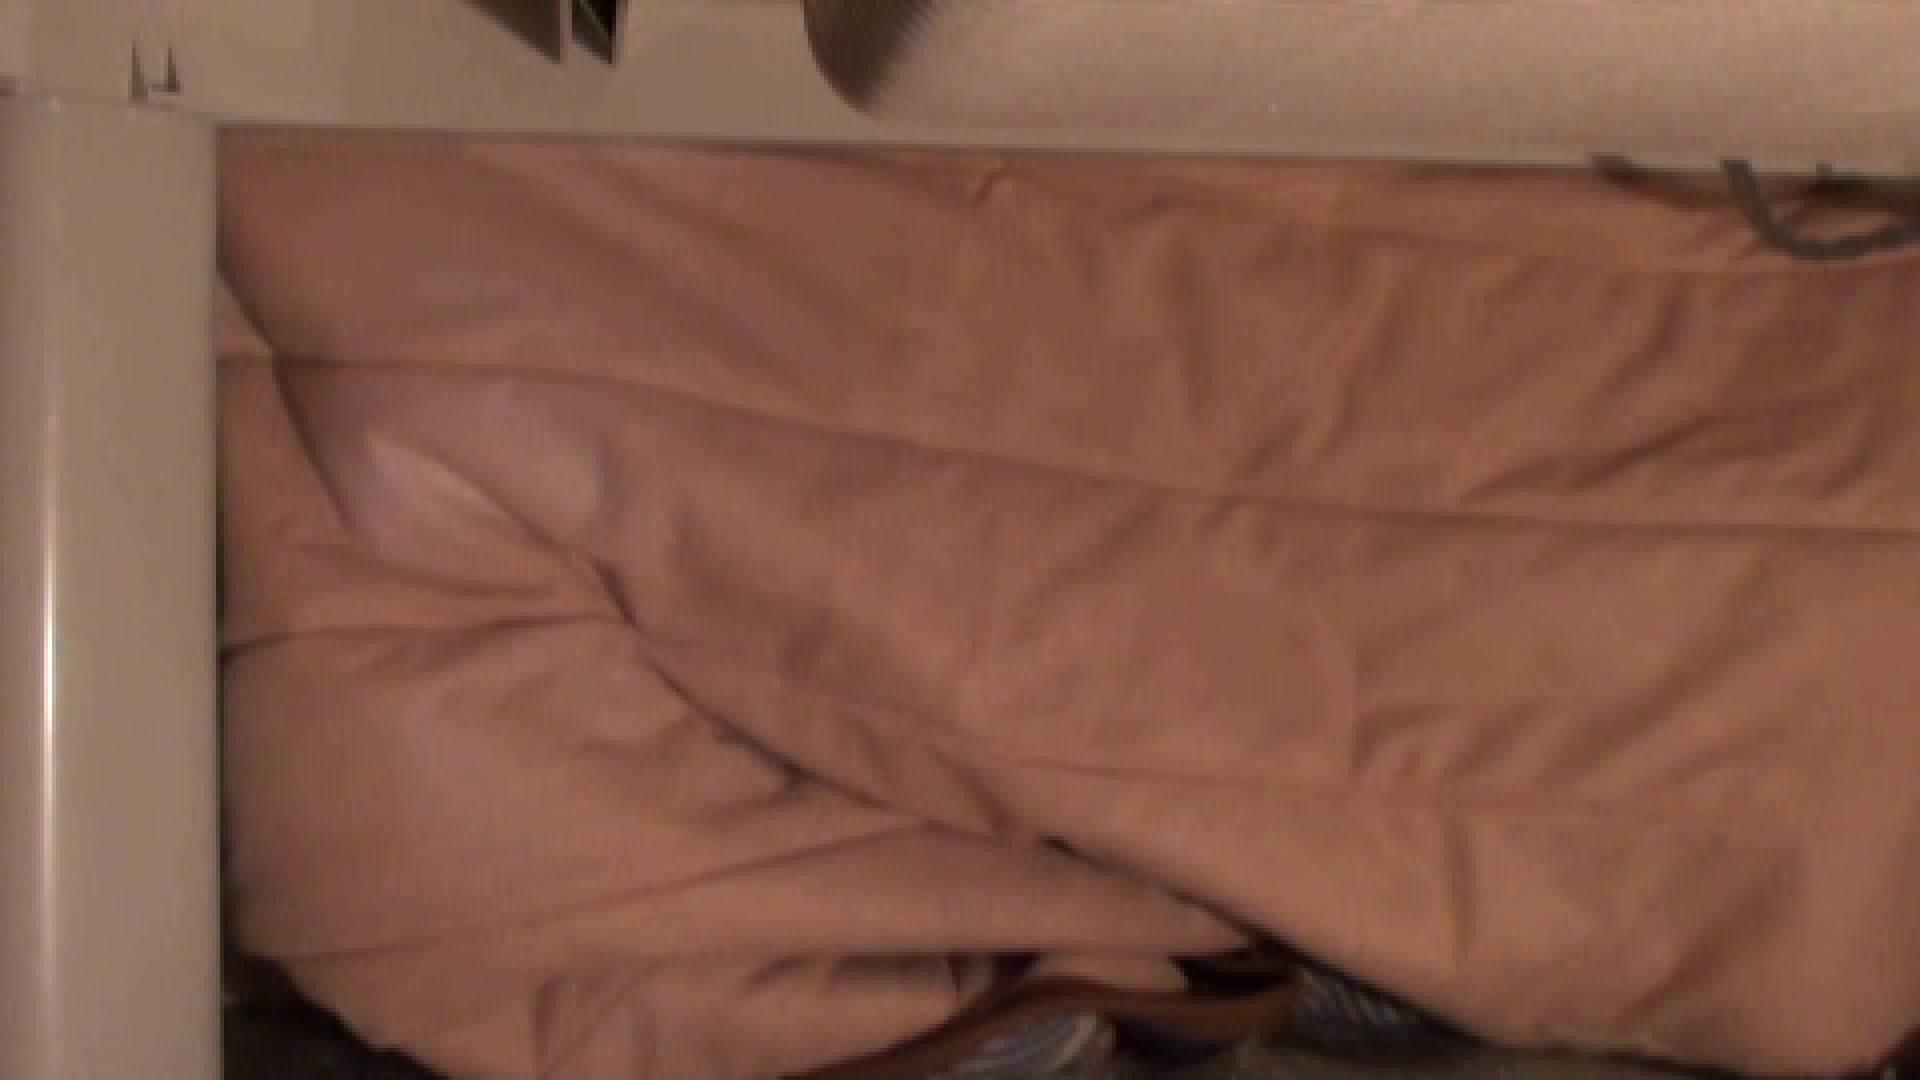 吹奏楽部。部室のコタツの中へ vol.09 美しいOLの裸体 オマンコ無修正動画無料 91pic 22